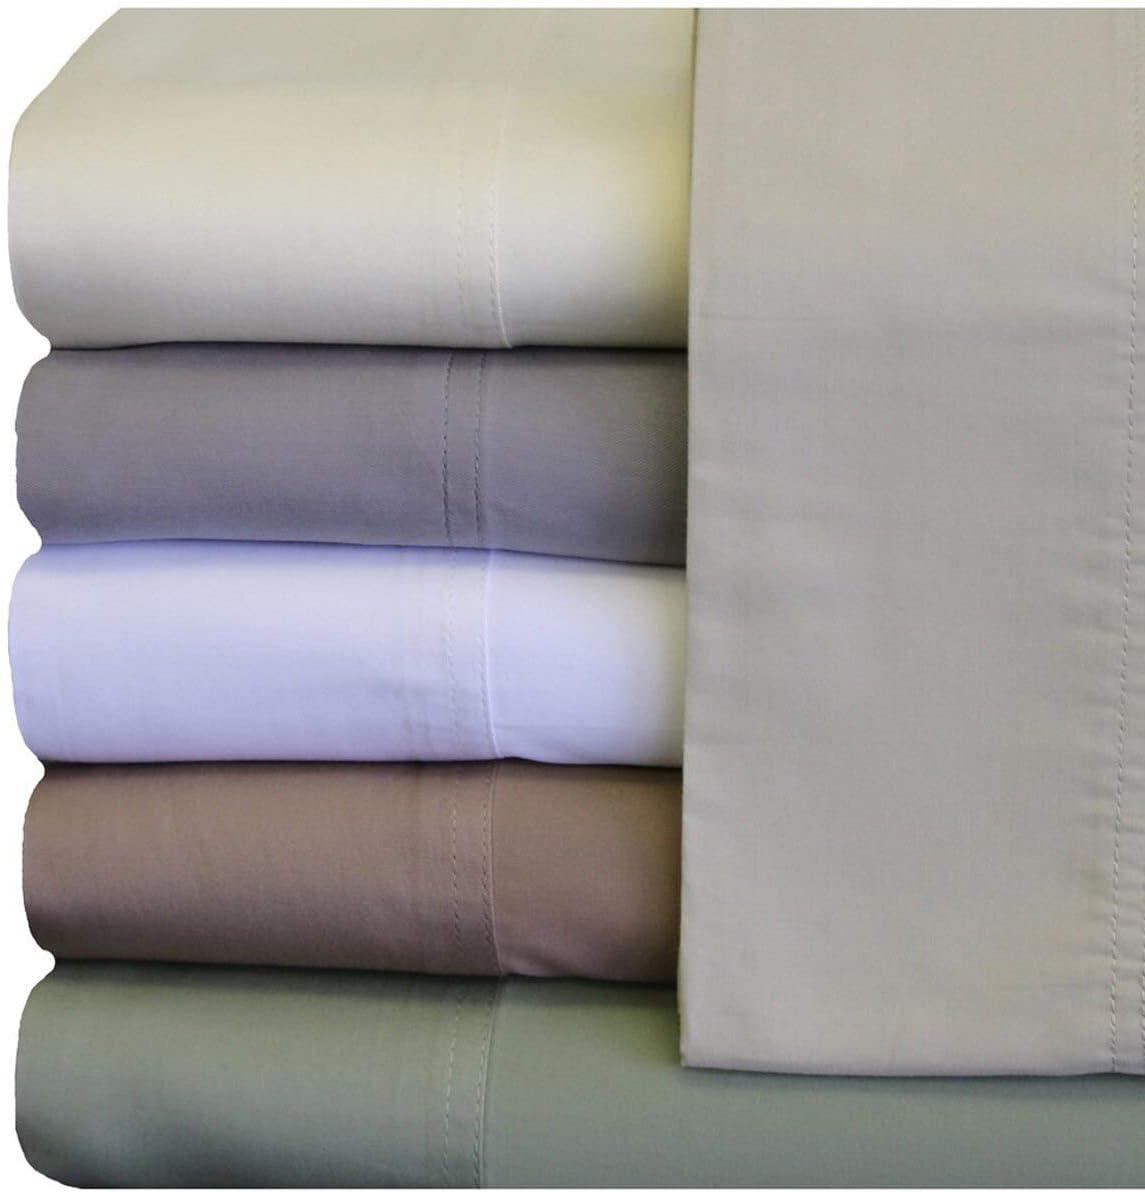 Royal Hotel Abripedic - funda de almohada de Tencel tejido suave y sedoso, naturalmente puro, 100 % tejido de lyocell Tencel